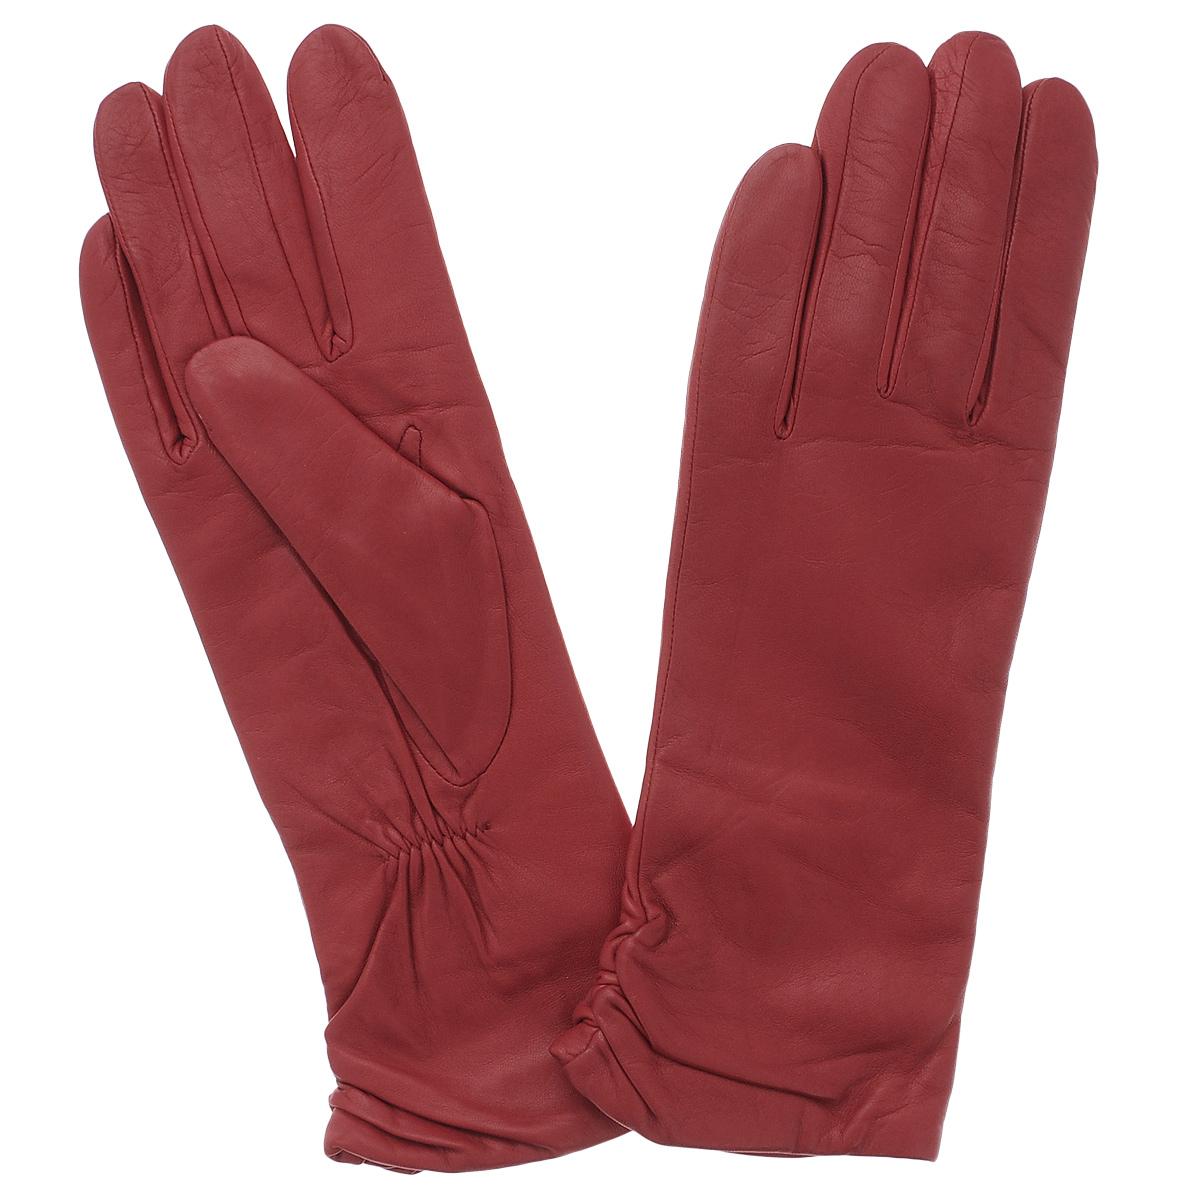 Перчатки11_ASTRA/BLUEСтильные удлиненные перчатки Dali Exclusive с подкладкой из шерсти выполнены из мягкой и приятной на ощупь натуральной кожи ягненка. Манжеты по боковому шву собраны на резинку. Такие перчатки подчеркнут ваш стиль и неповторимость и придадут всему образу нотки женственности и элегантности.